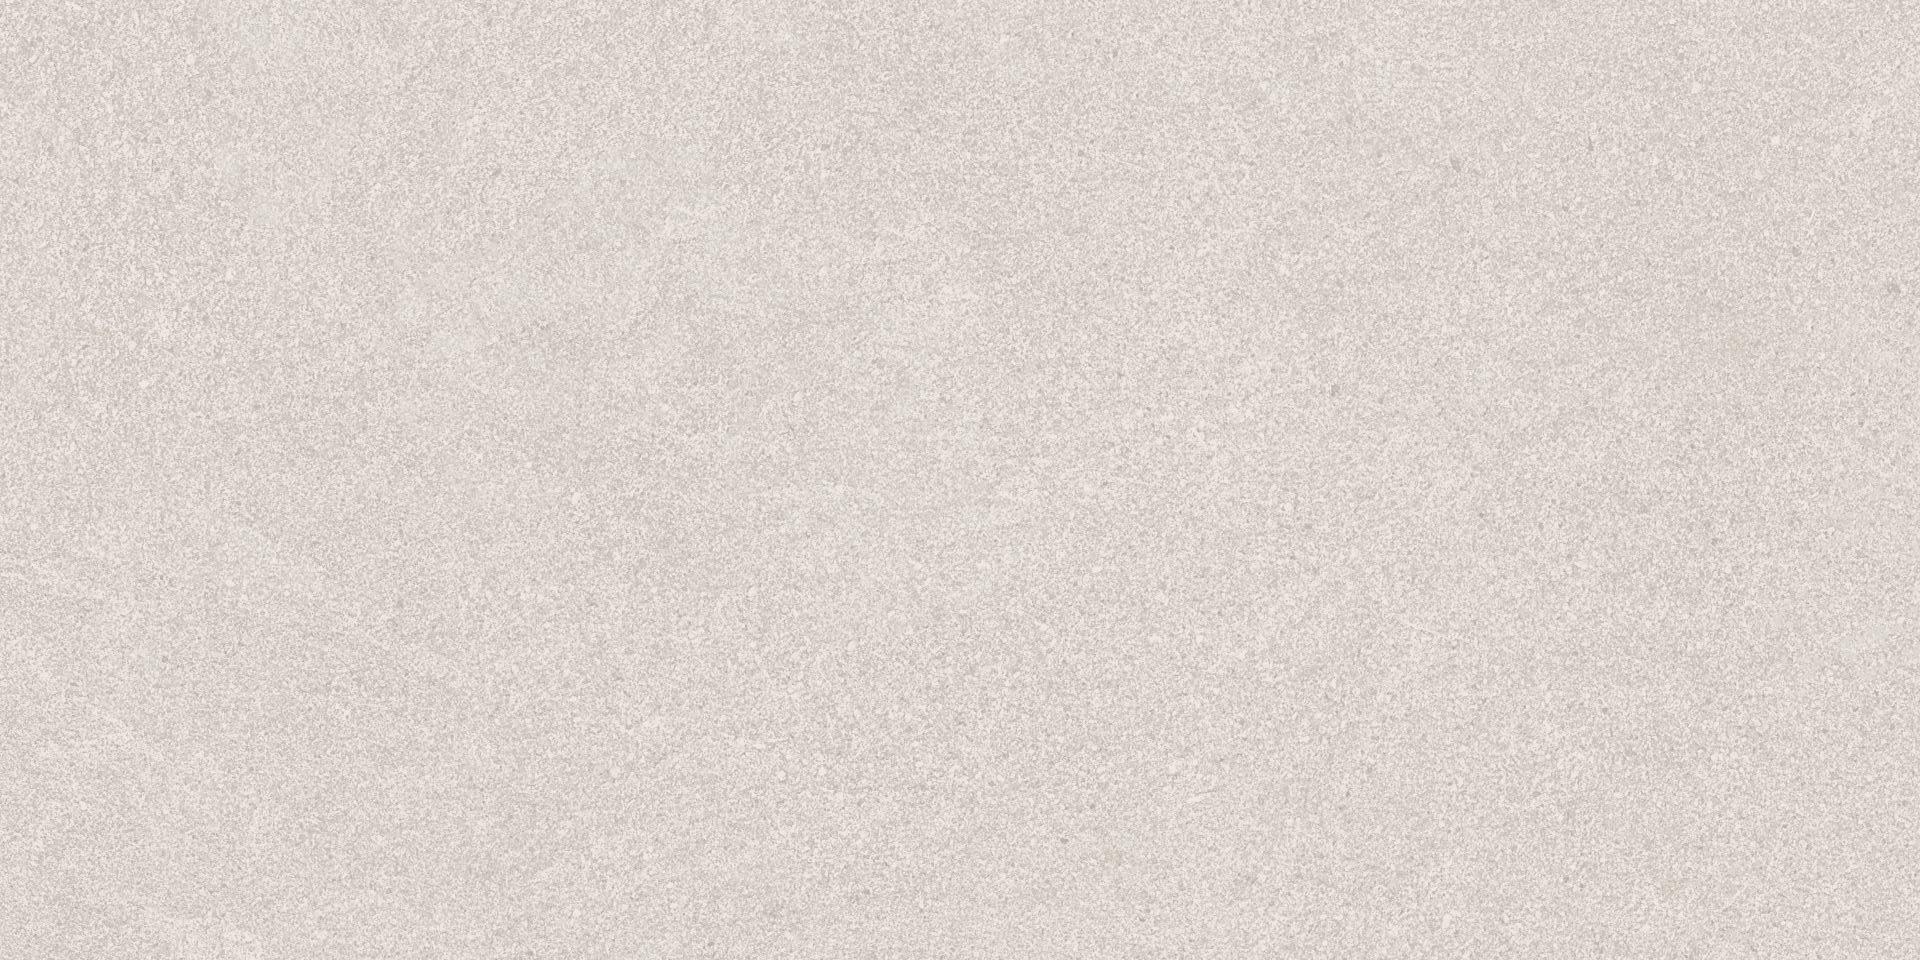 Betonico - obkládačka rektifikovaná 30x60 šedá